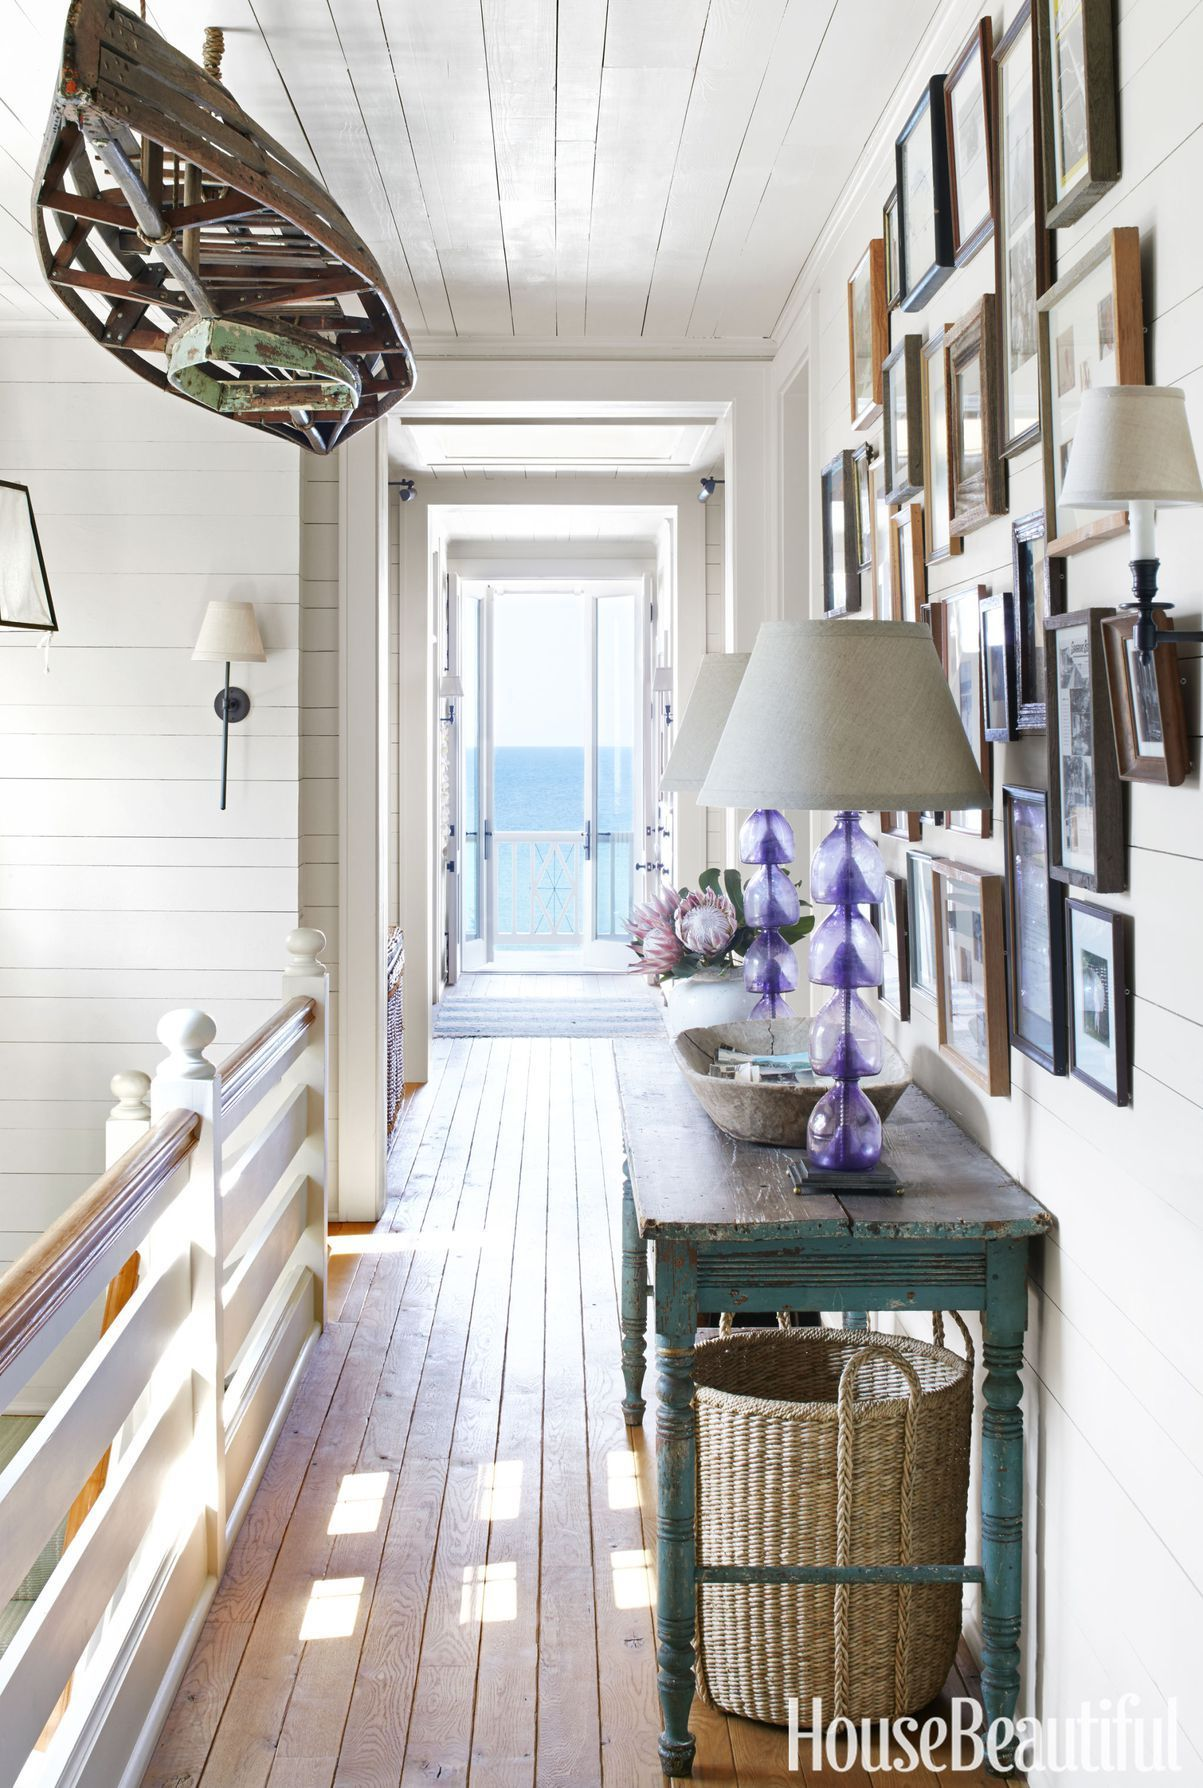 Summer Houses Interior Ideas - valoblogi.com